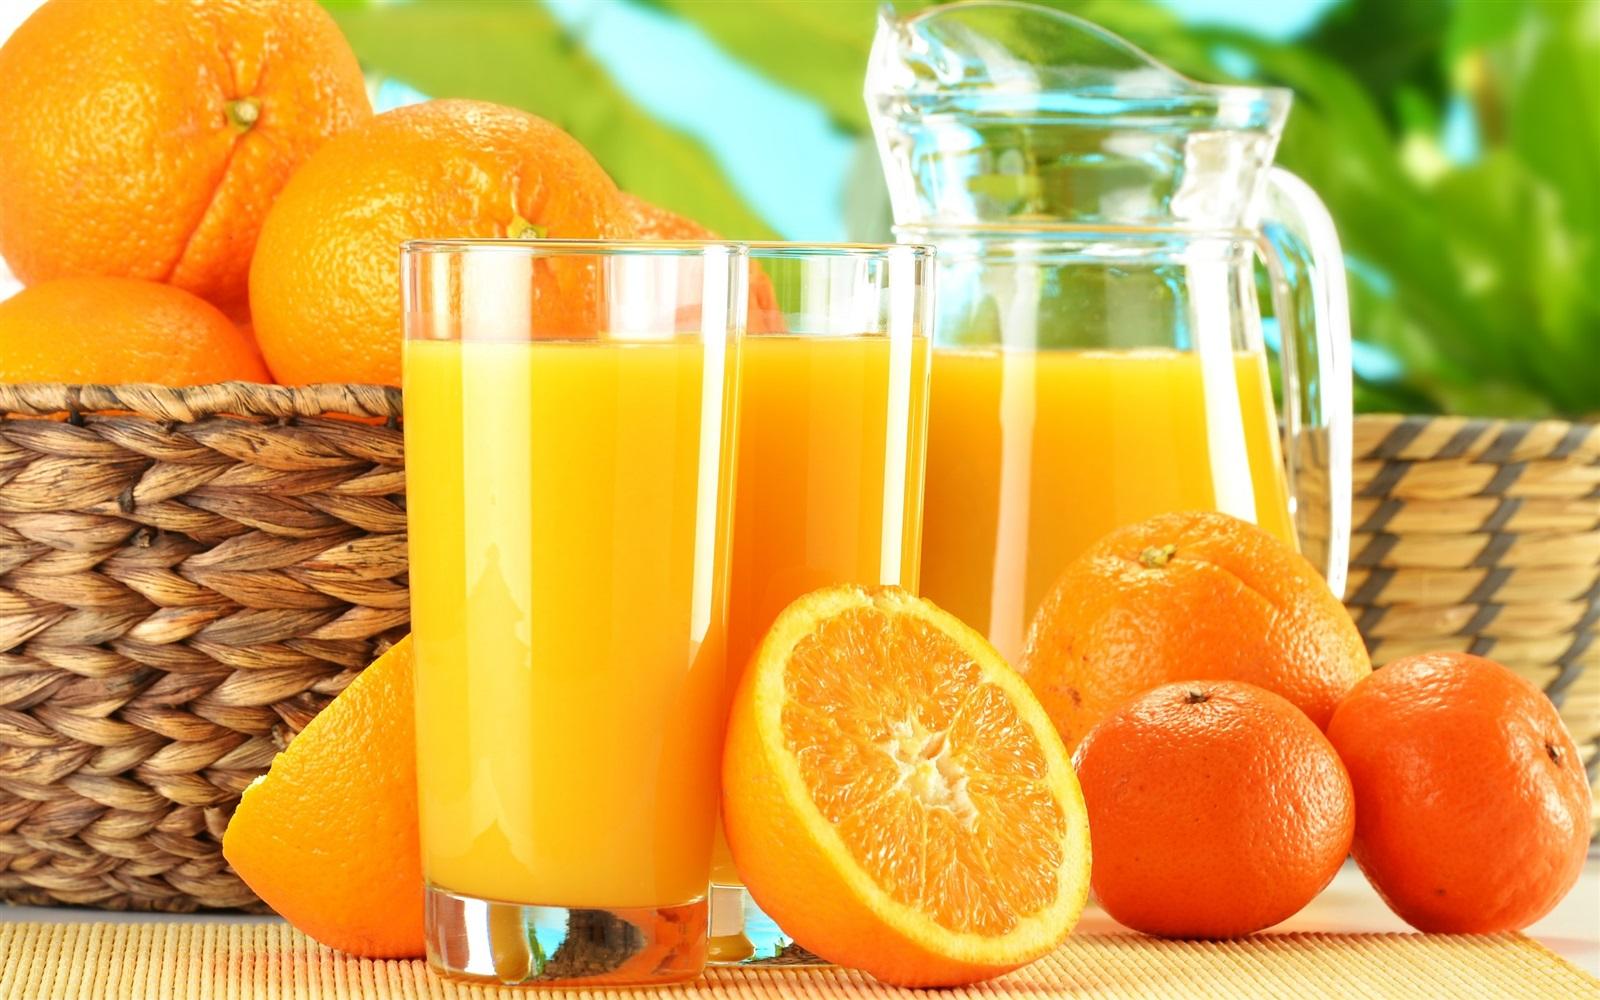 مشروب الليمون والبرتقال والجريب فروت